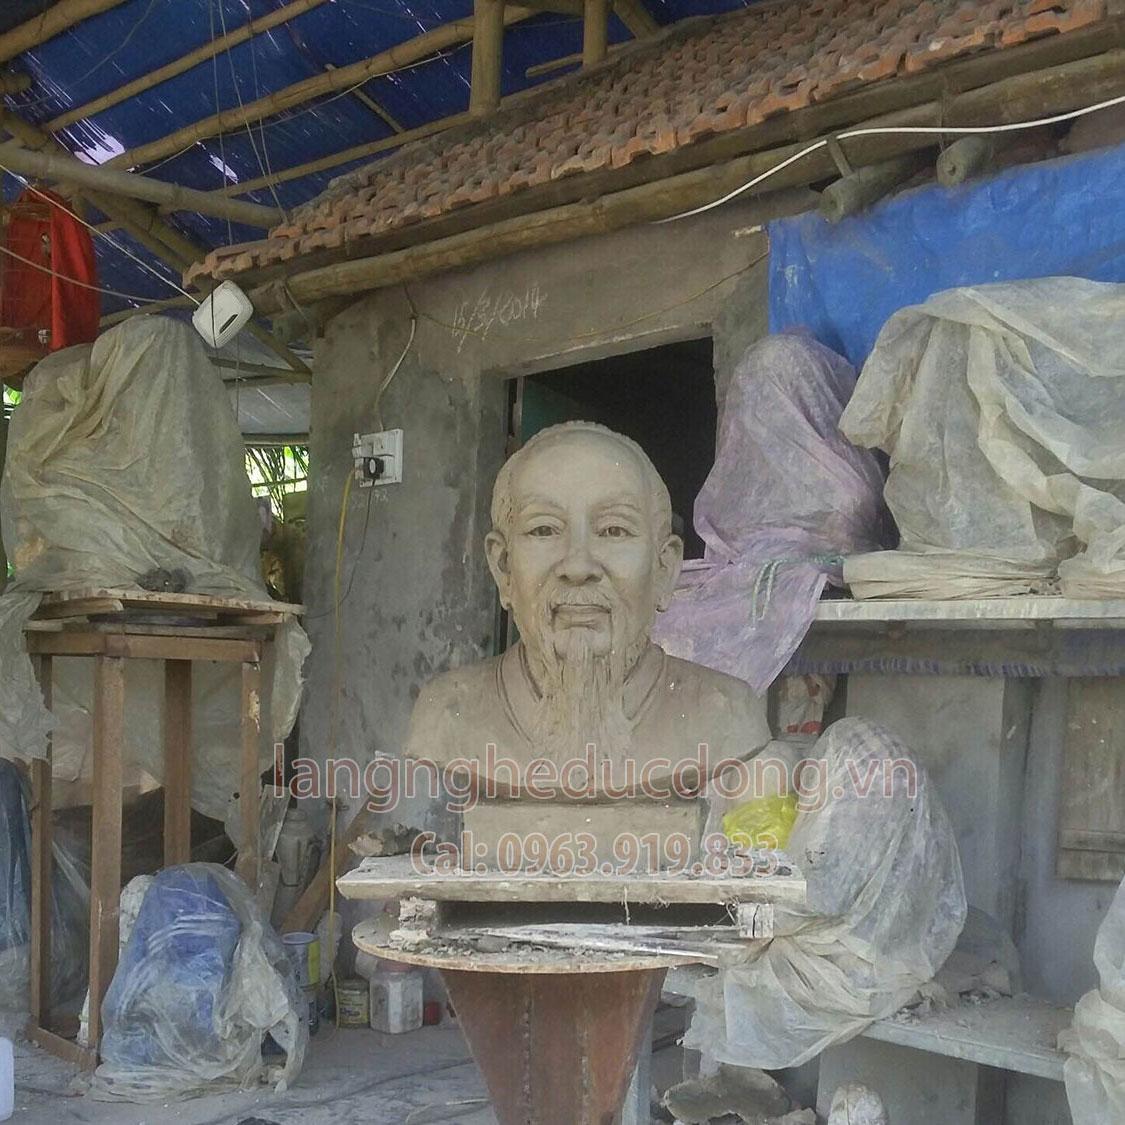 langngheducdong.vn - Tượng hải thượng lãn ông, tượng danh y, tượng thần y bằng đồng